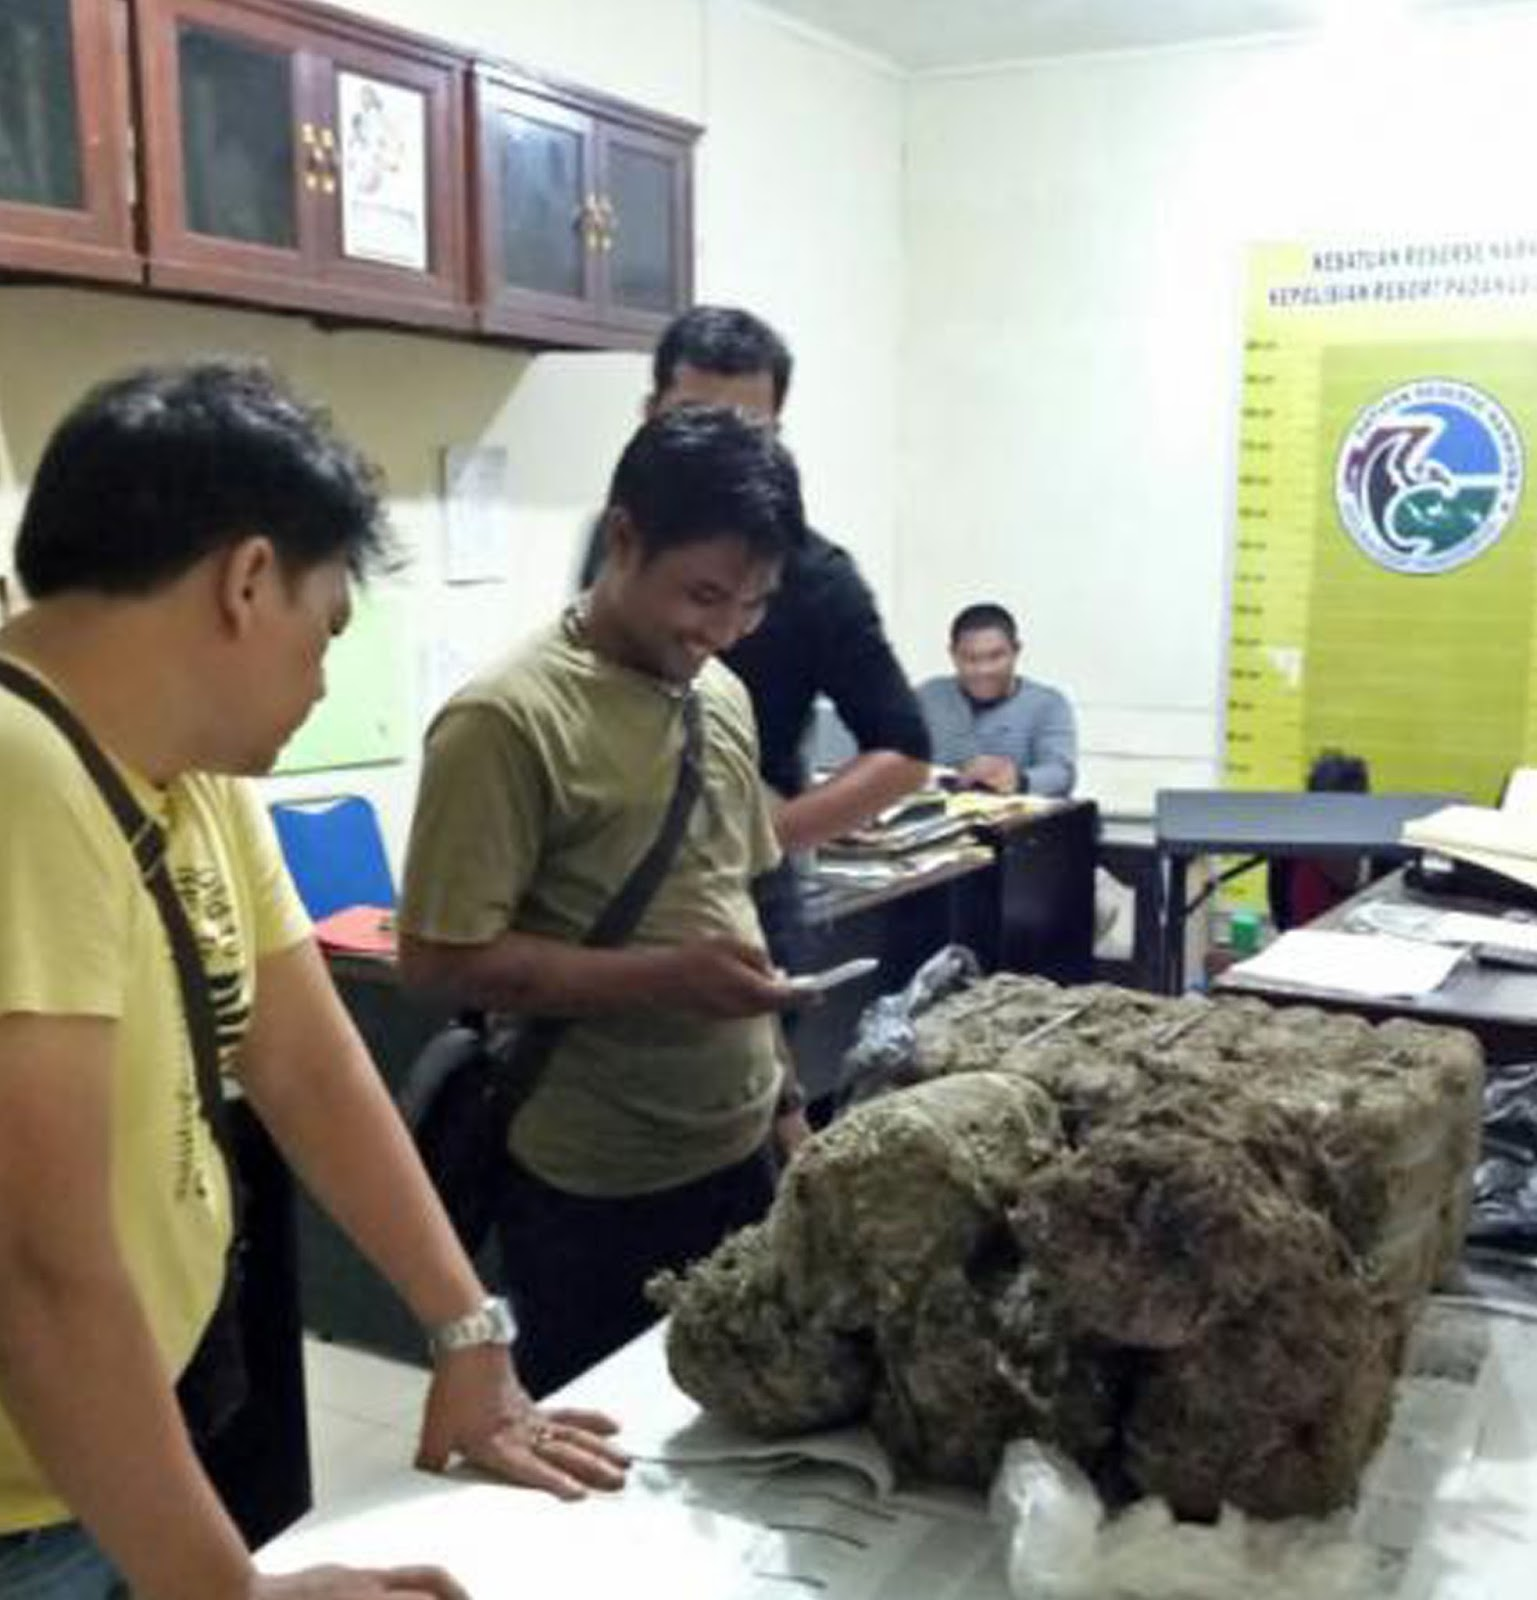 Petugas menunjukkan barang bukti daun ganja kering 25 kg yang dibawa tersangka.